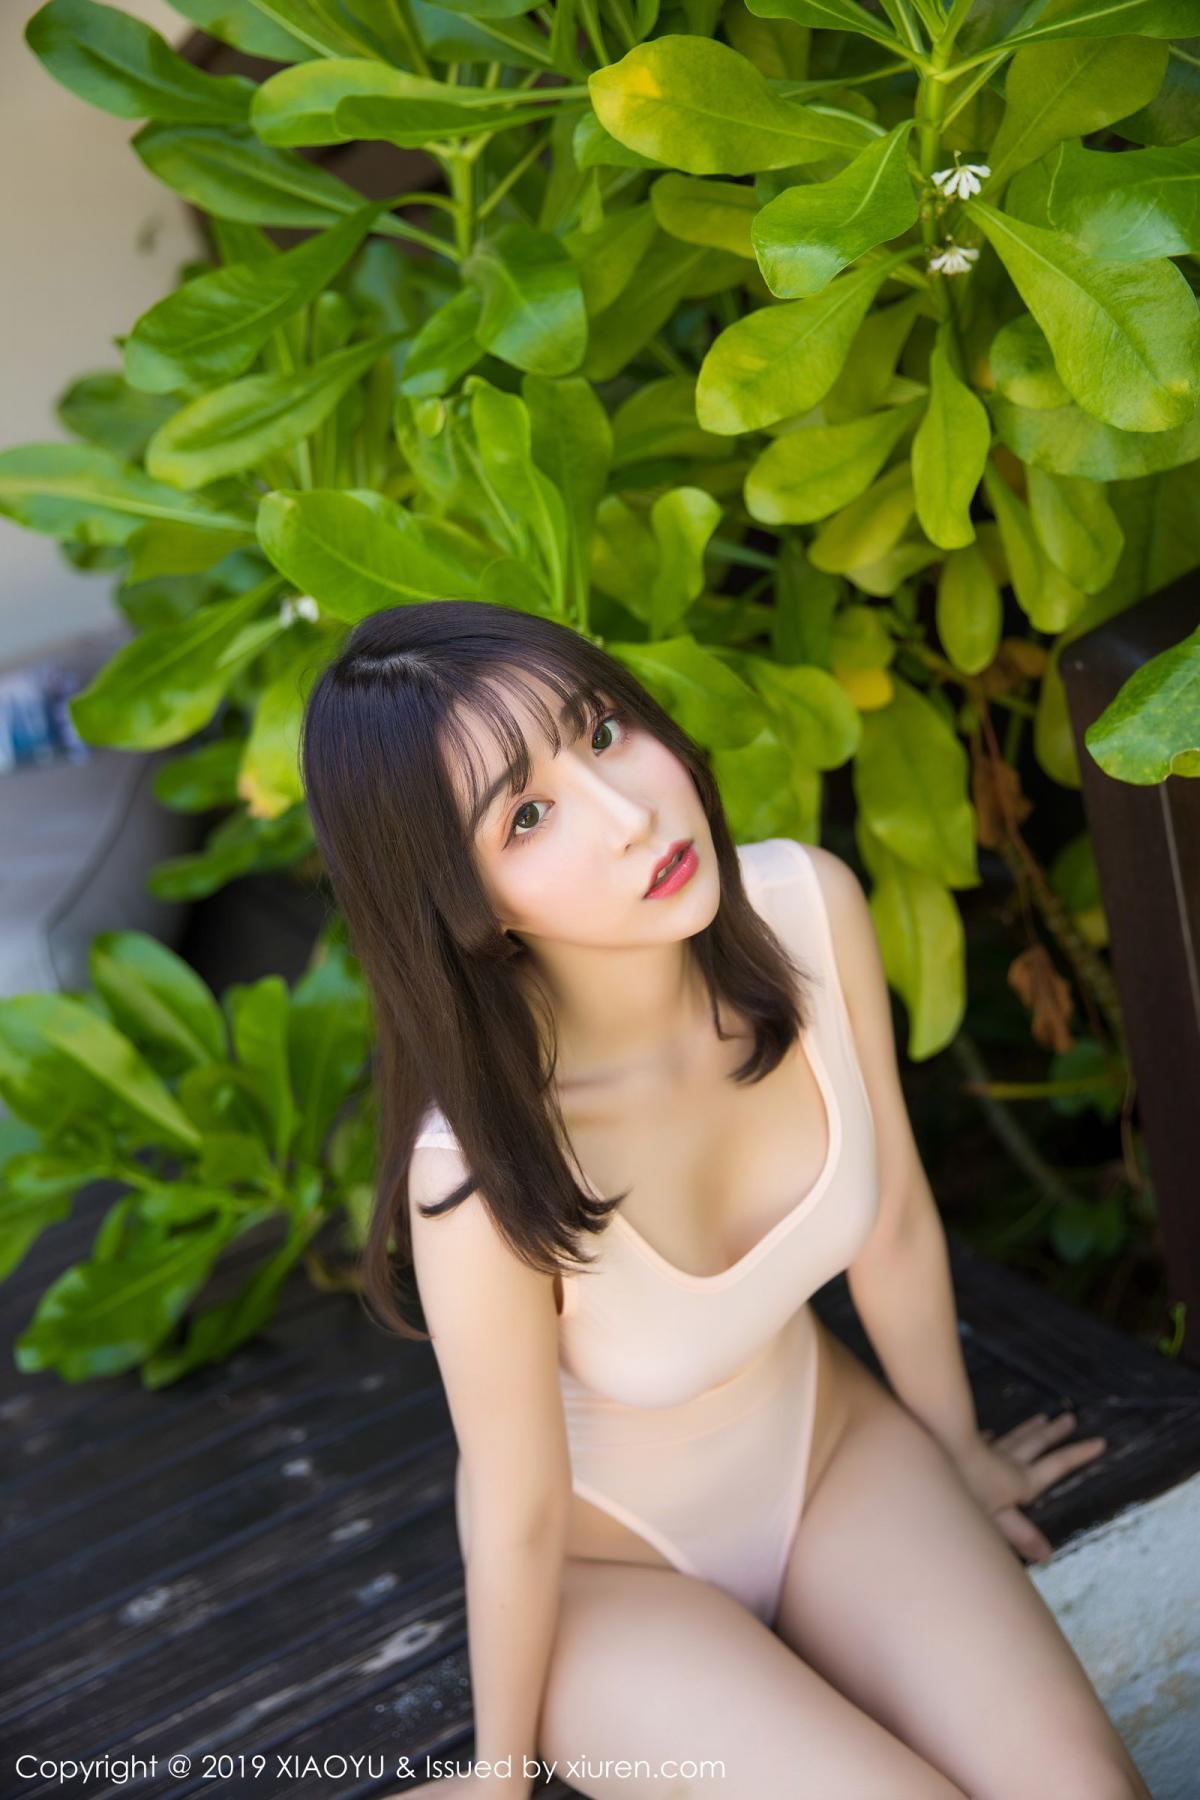 [XiaoYu] Vol.155 Xie Zhi Xin 13P, Bathroom, Big Booty, Wet, XiaoYu, Xie Zhi Xin